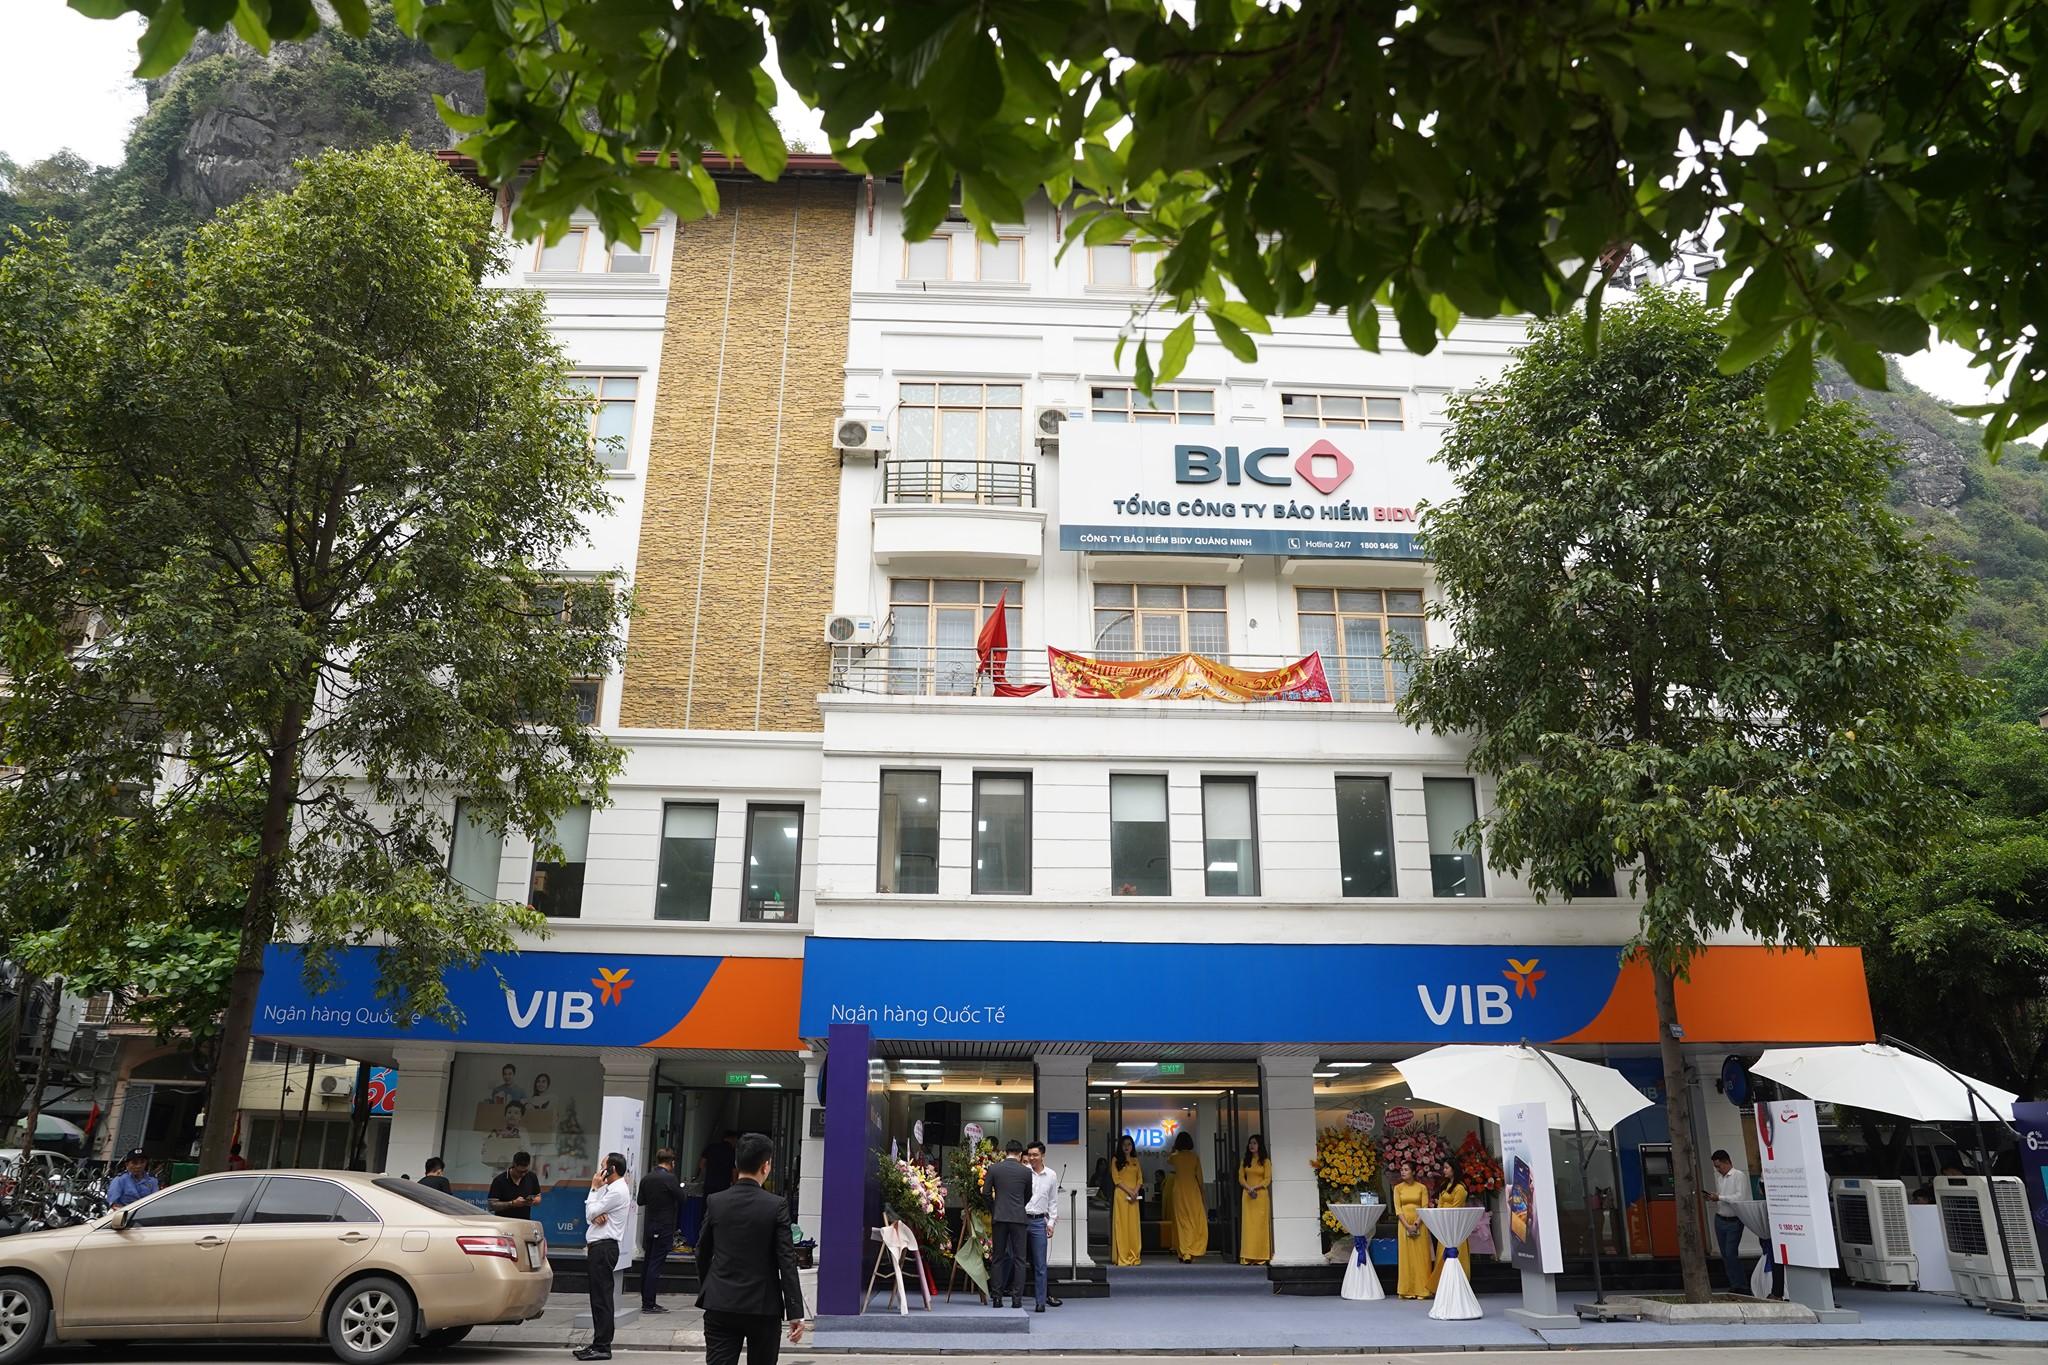 VIB dự kiến phát hành gần 500 triệu cổ phiếu, tăng vốn điều lệ lên hơn 15.000 tỷ đồng - Ảnh 1.